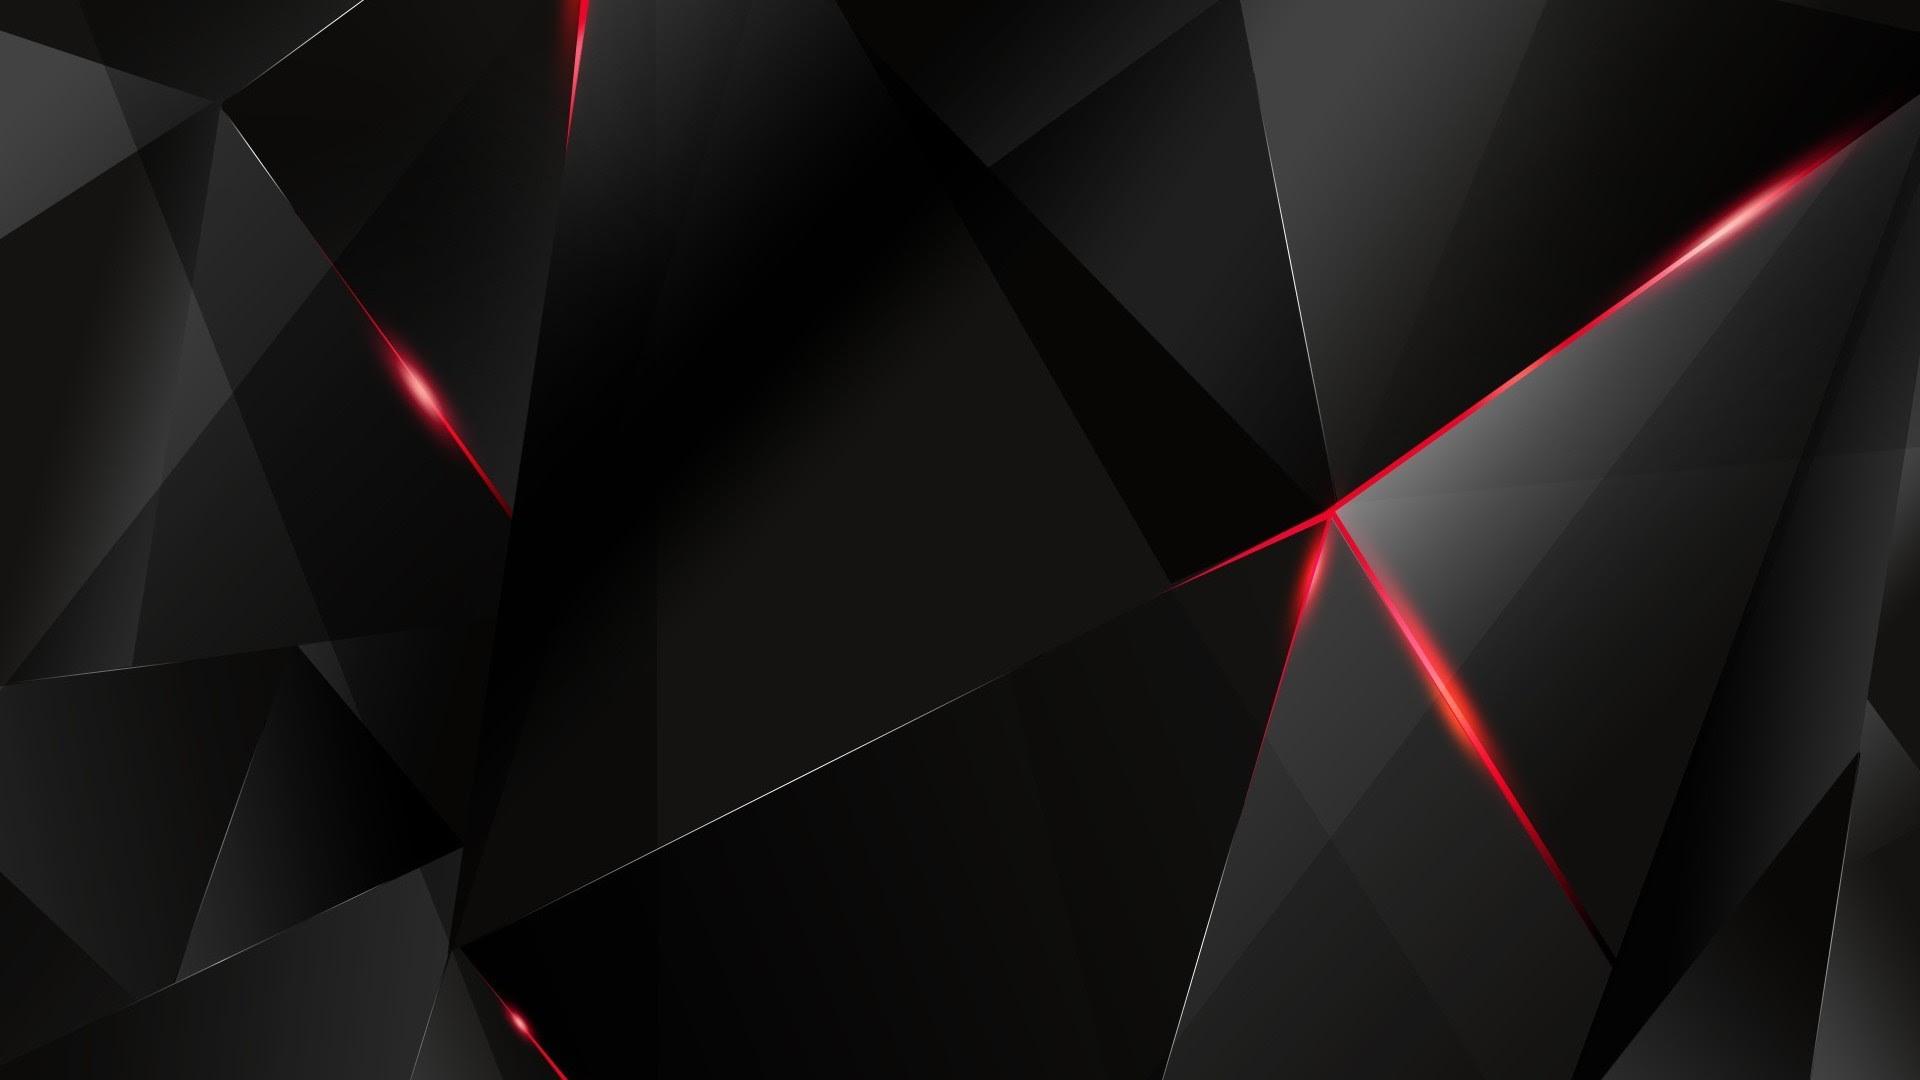 Red HD Wallpapers 1080p - WallpaperSafari